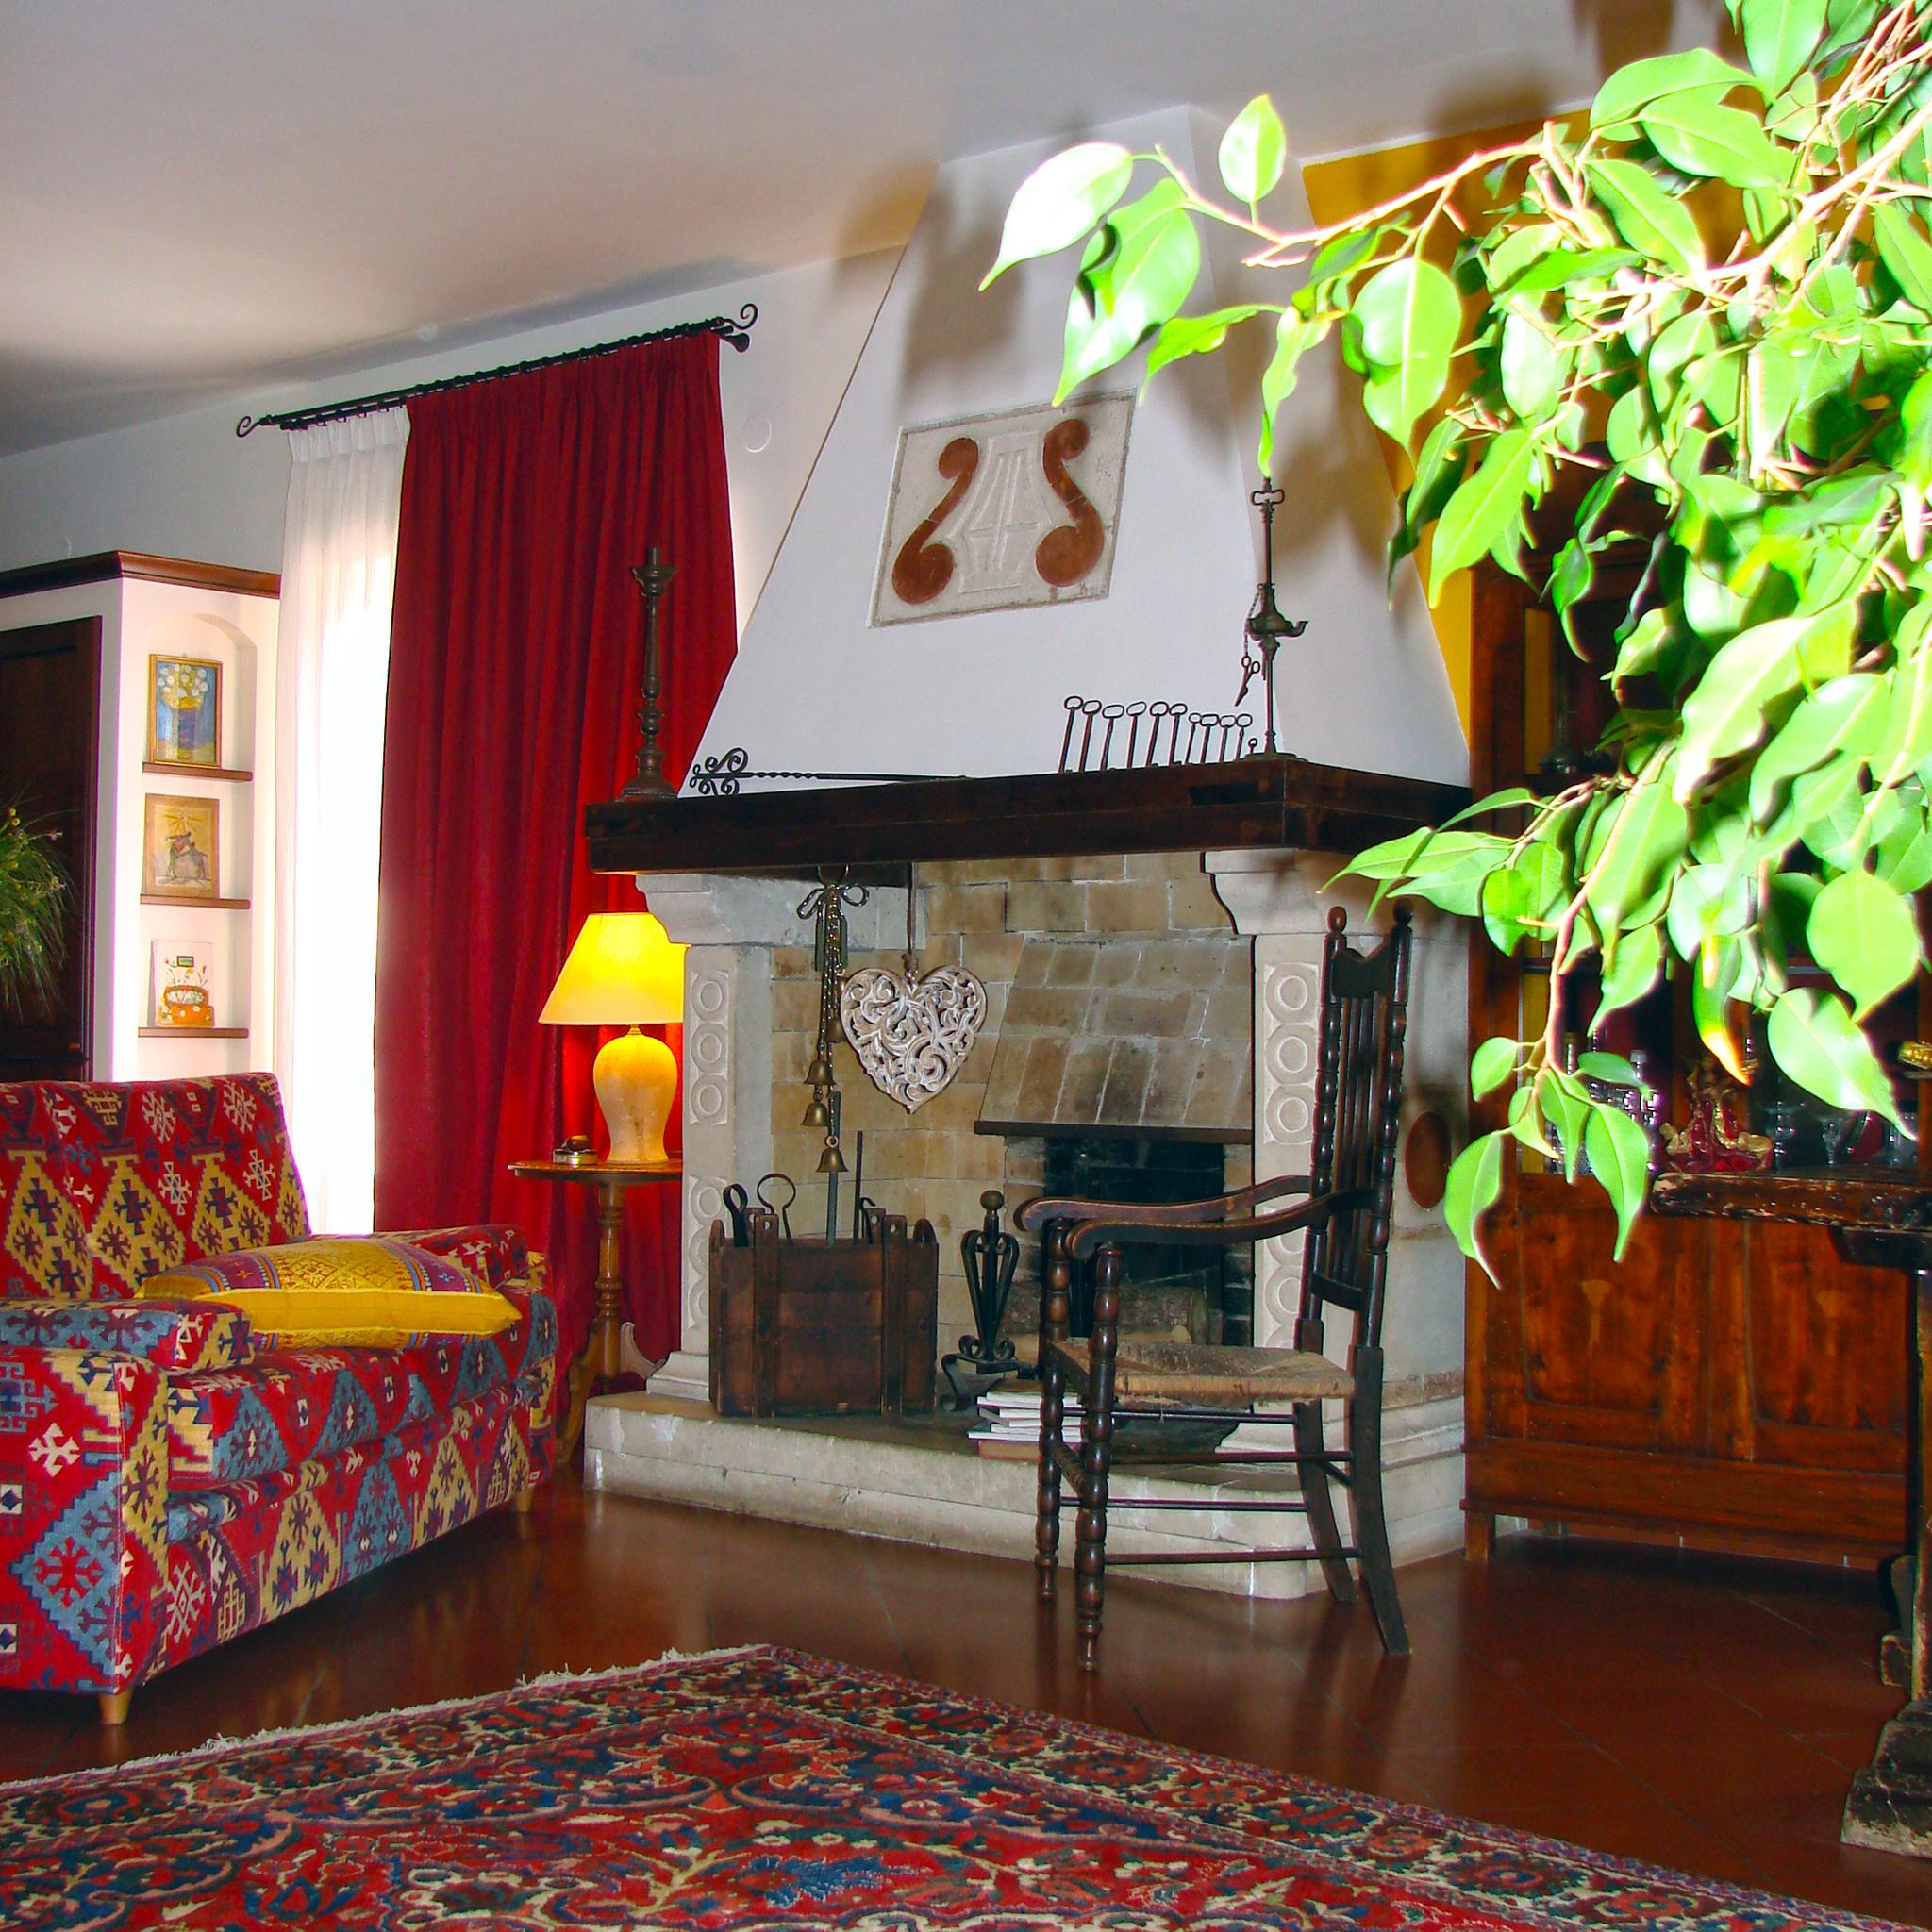 La cucina in muratura di silvana realizzata da dimensione legno a chietiil blog di dimensione - Silvana in cucina ...